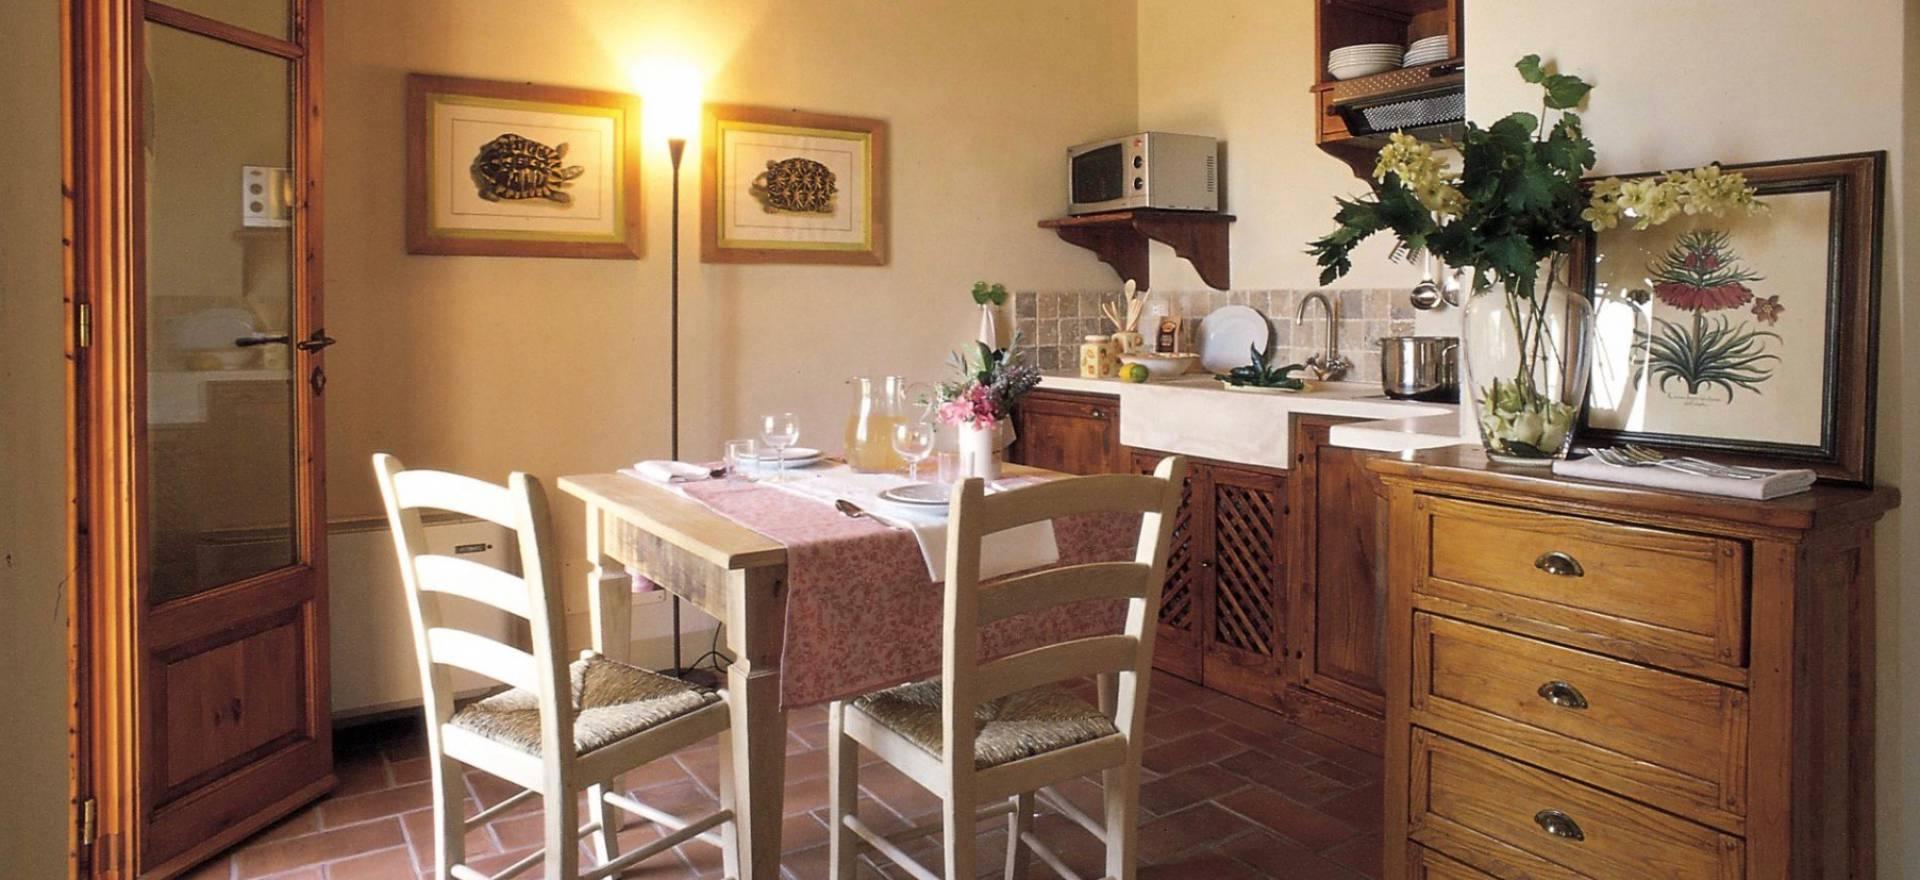 Italiaanse gastvrijheid bij deze agriturismo in Toscane